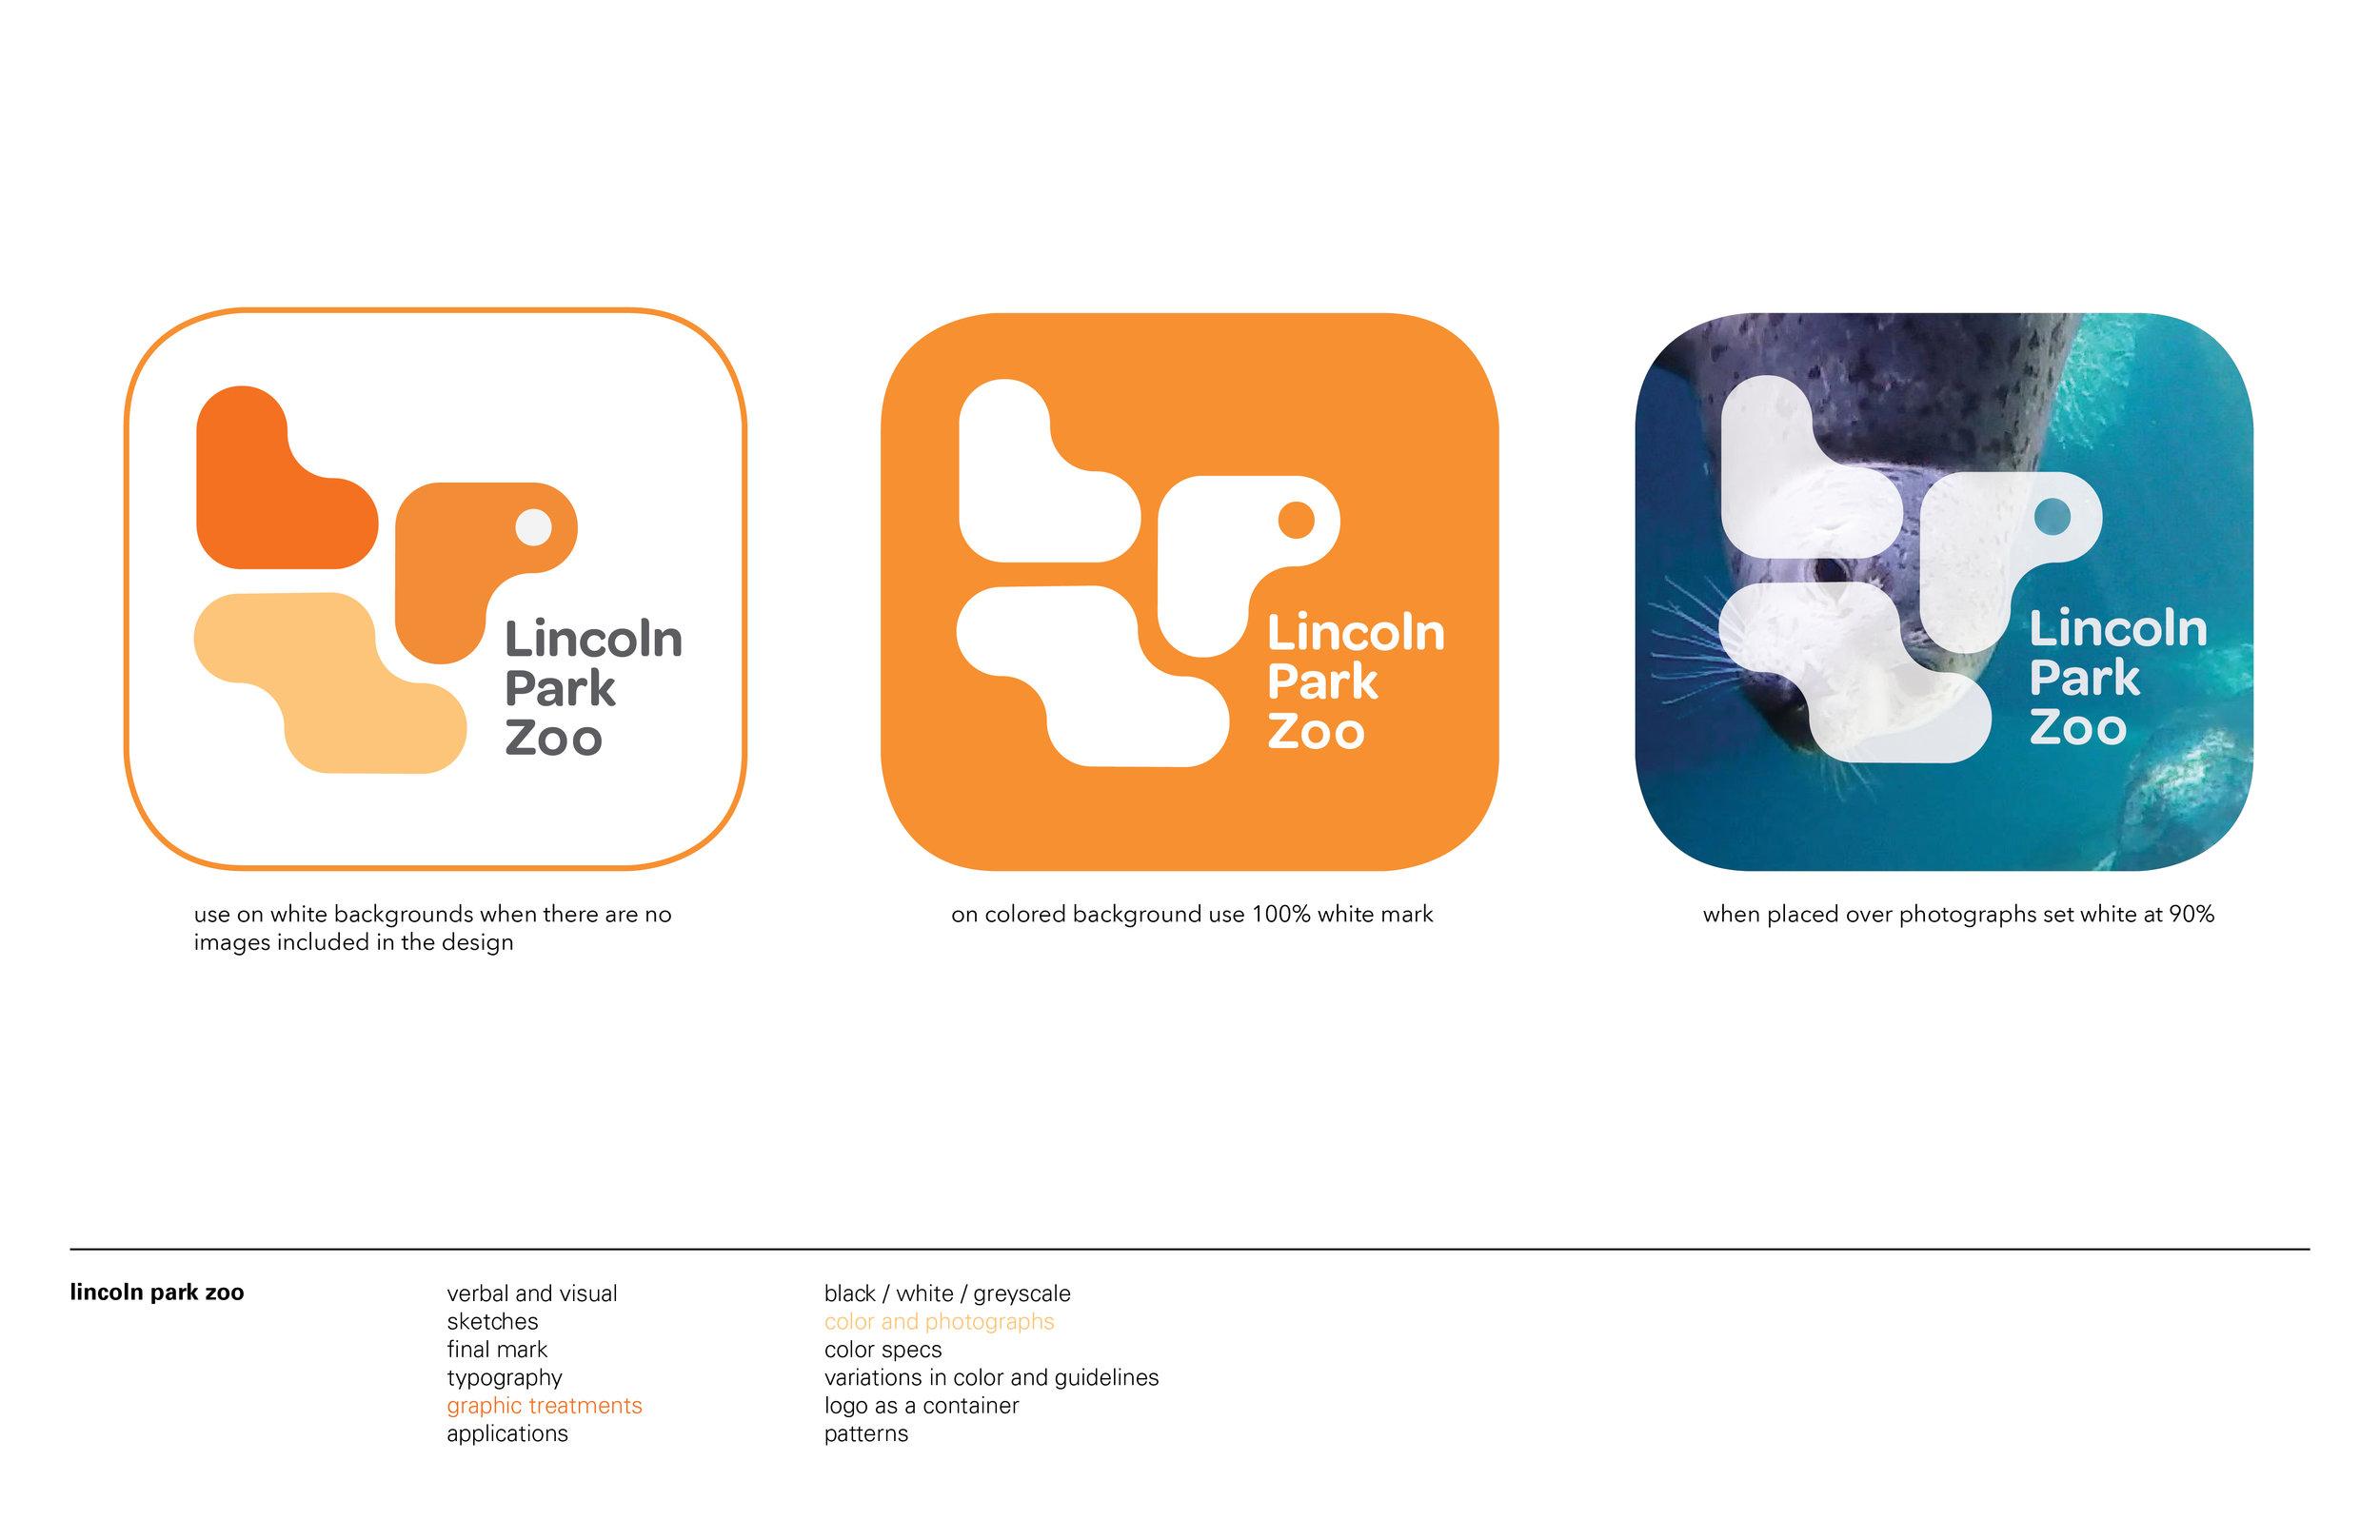 lpz website 28.jpg